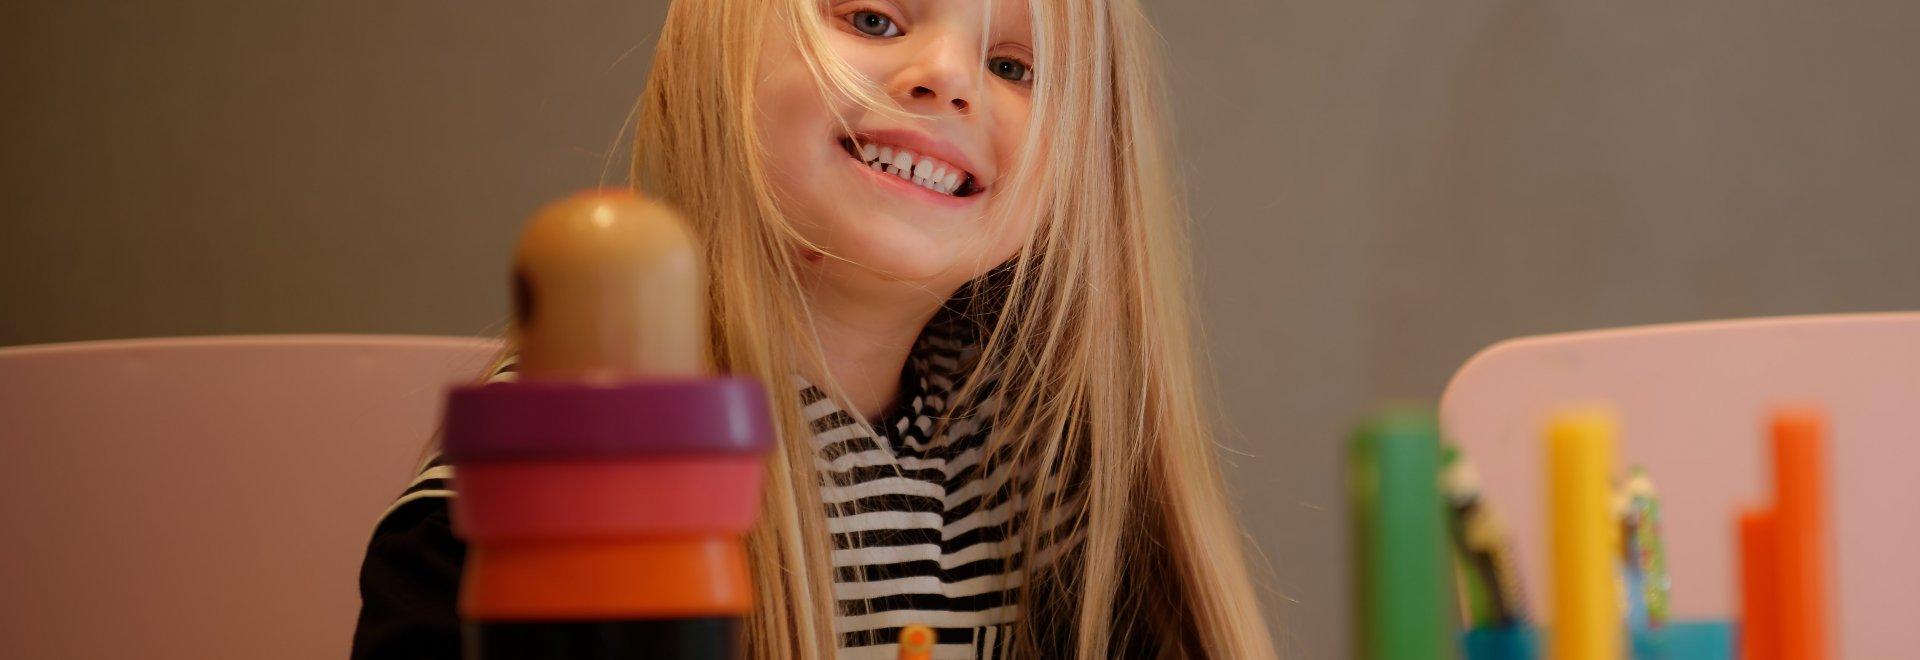 Стандартное предложение с завтраком и развлечения для детей